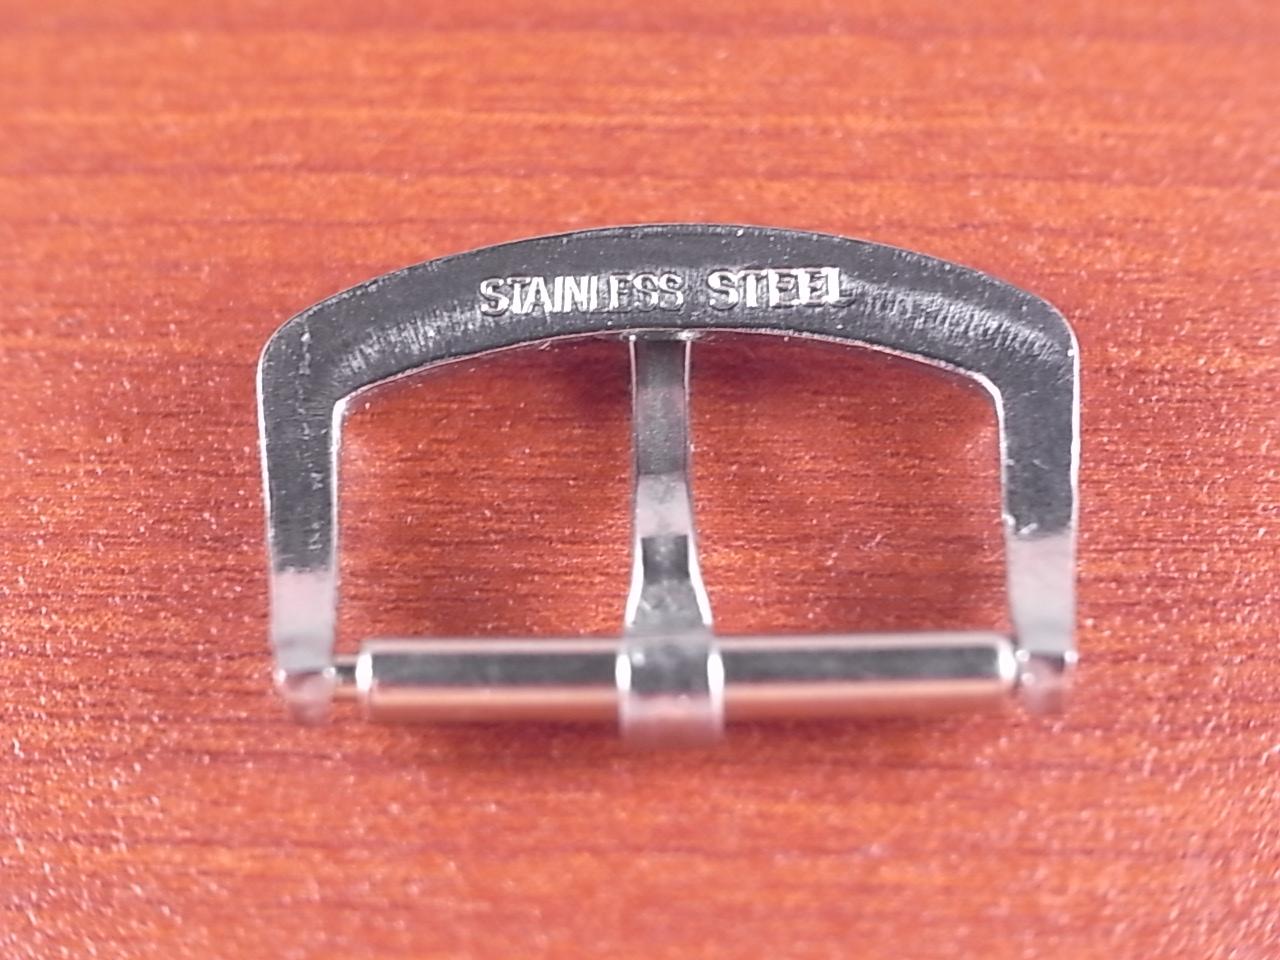 米軍用 SS尾錠 16mm N.O.S. 1940年代の写真5枚目